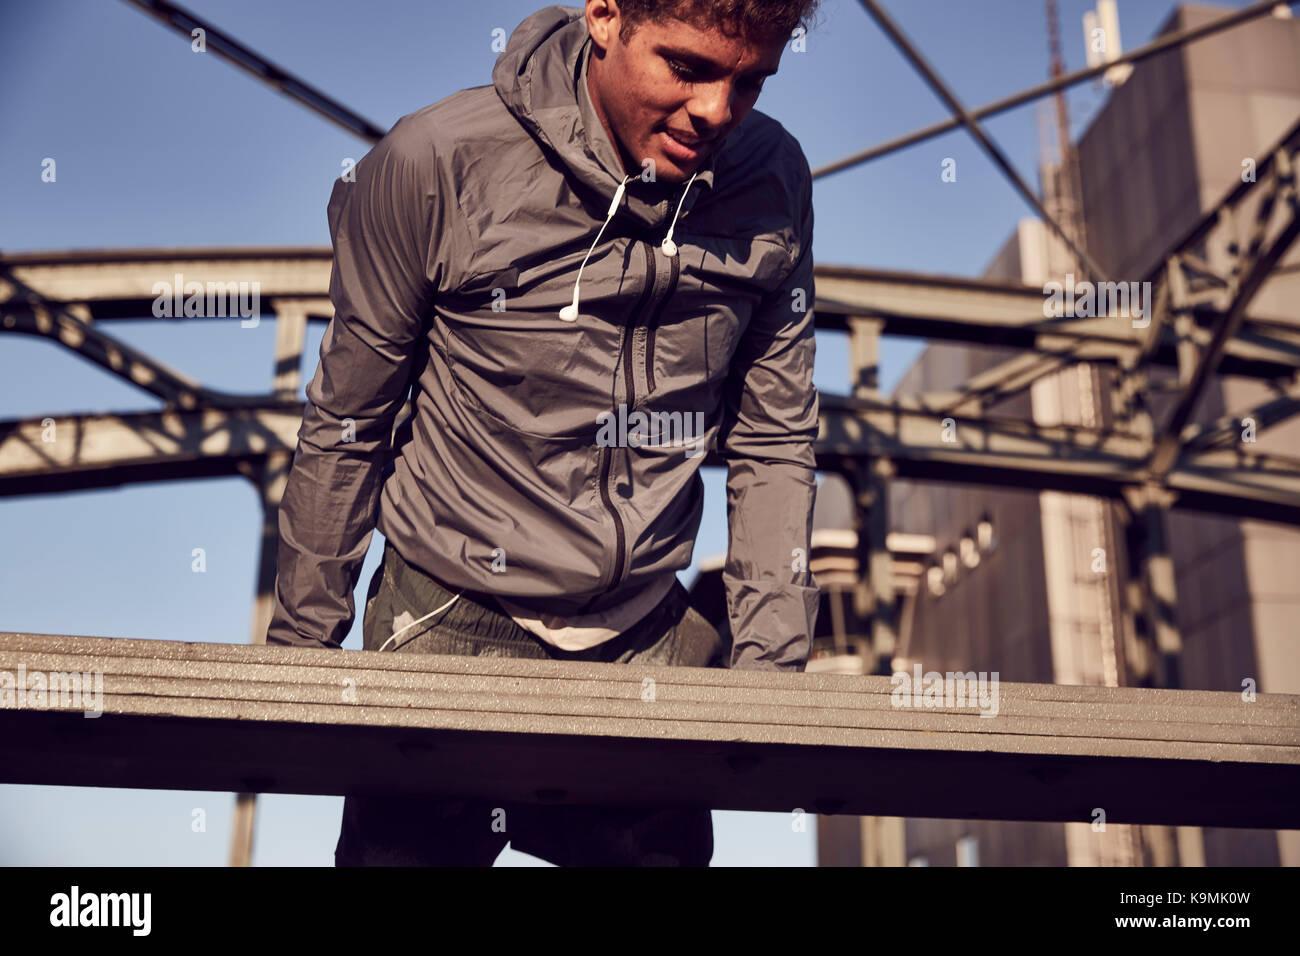 Deutschland, München, junger Mann Training auf einer Brücke Stockbild